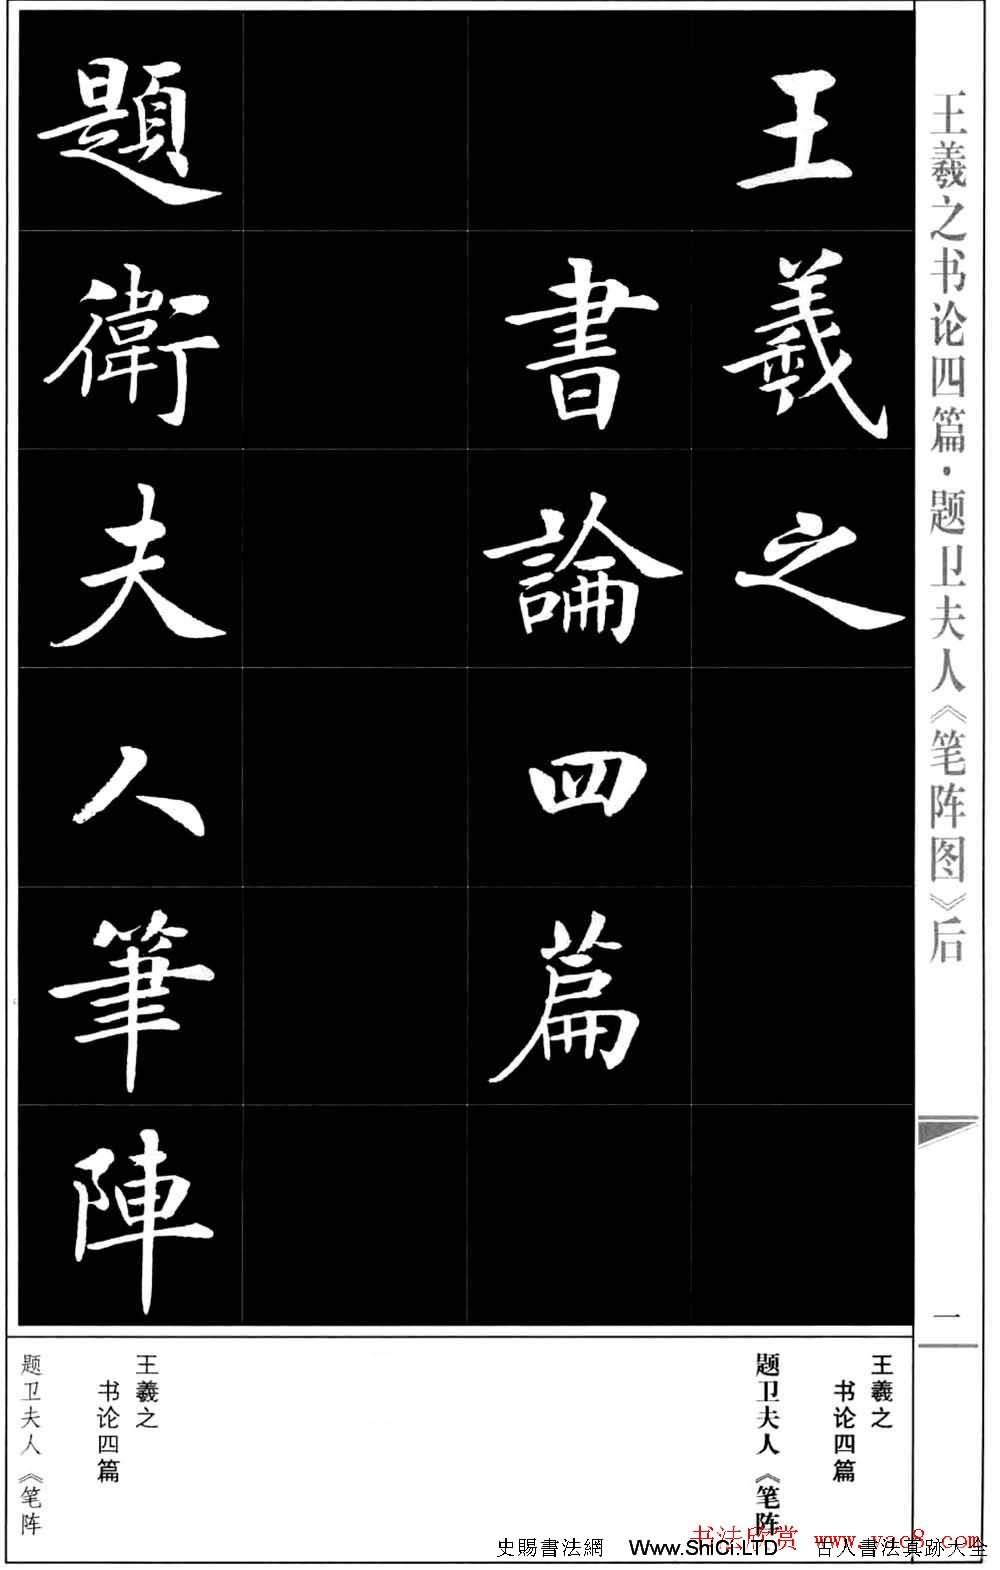 房弘毅書法字帖《王羲之書論四篇》(共73張圖片)